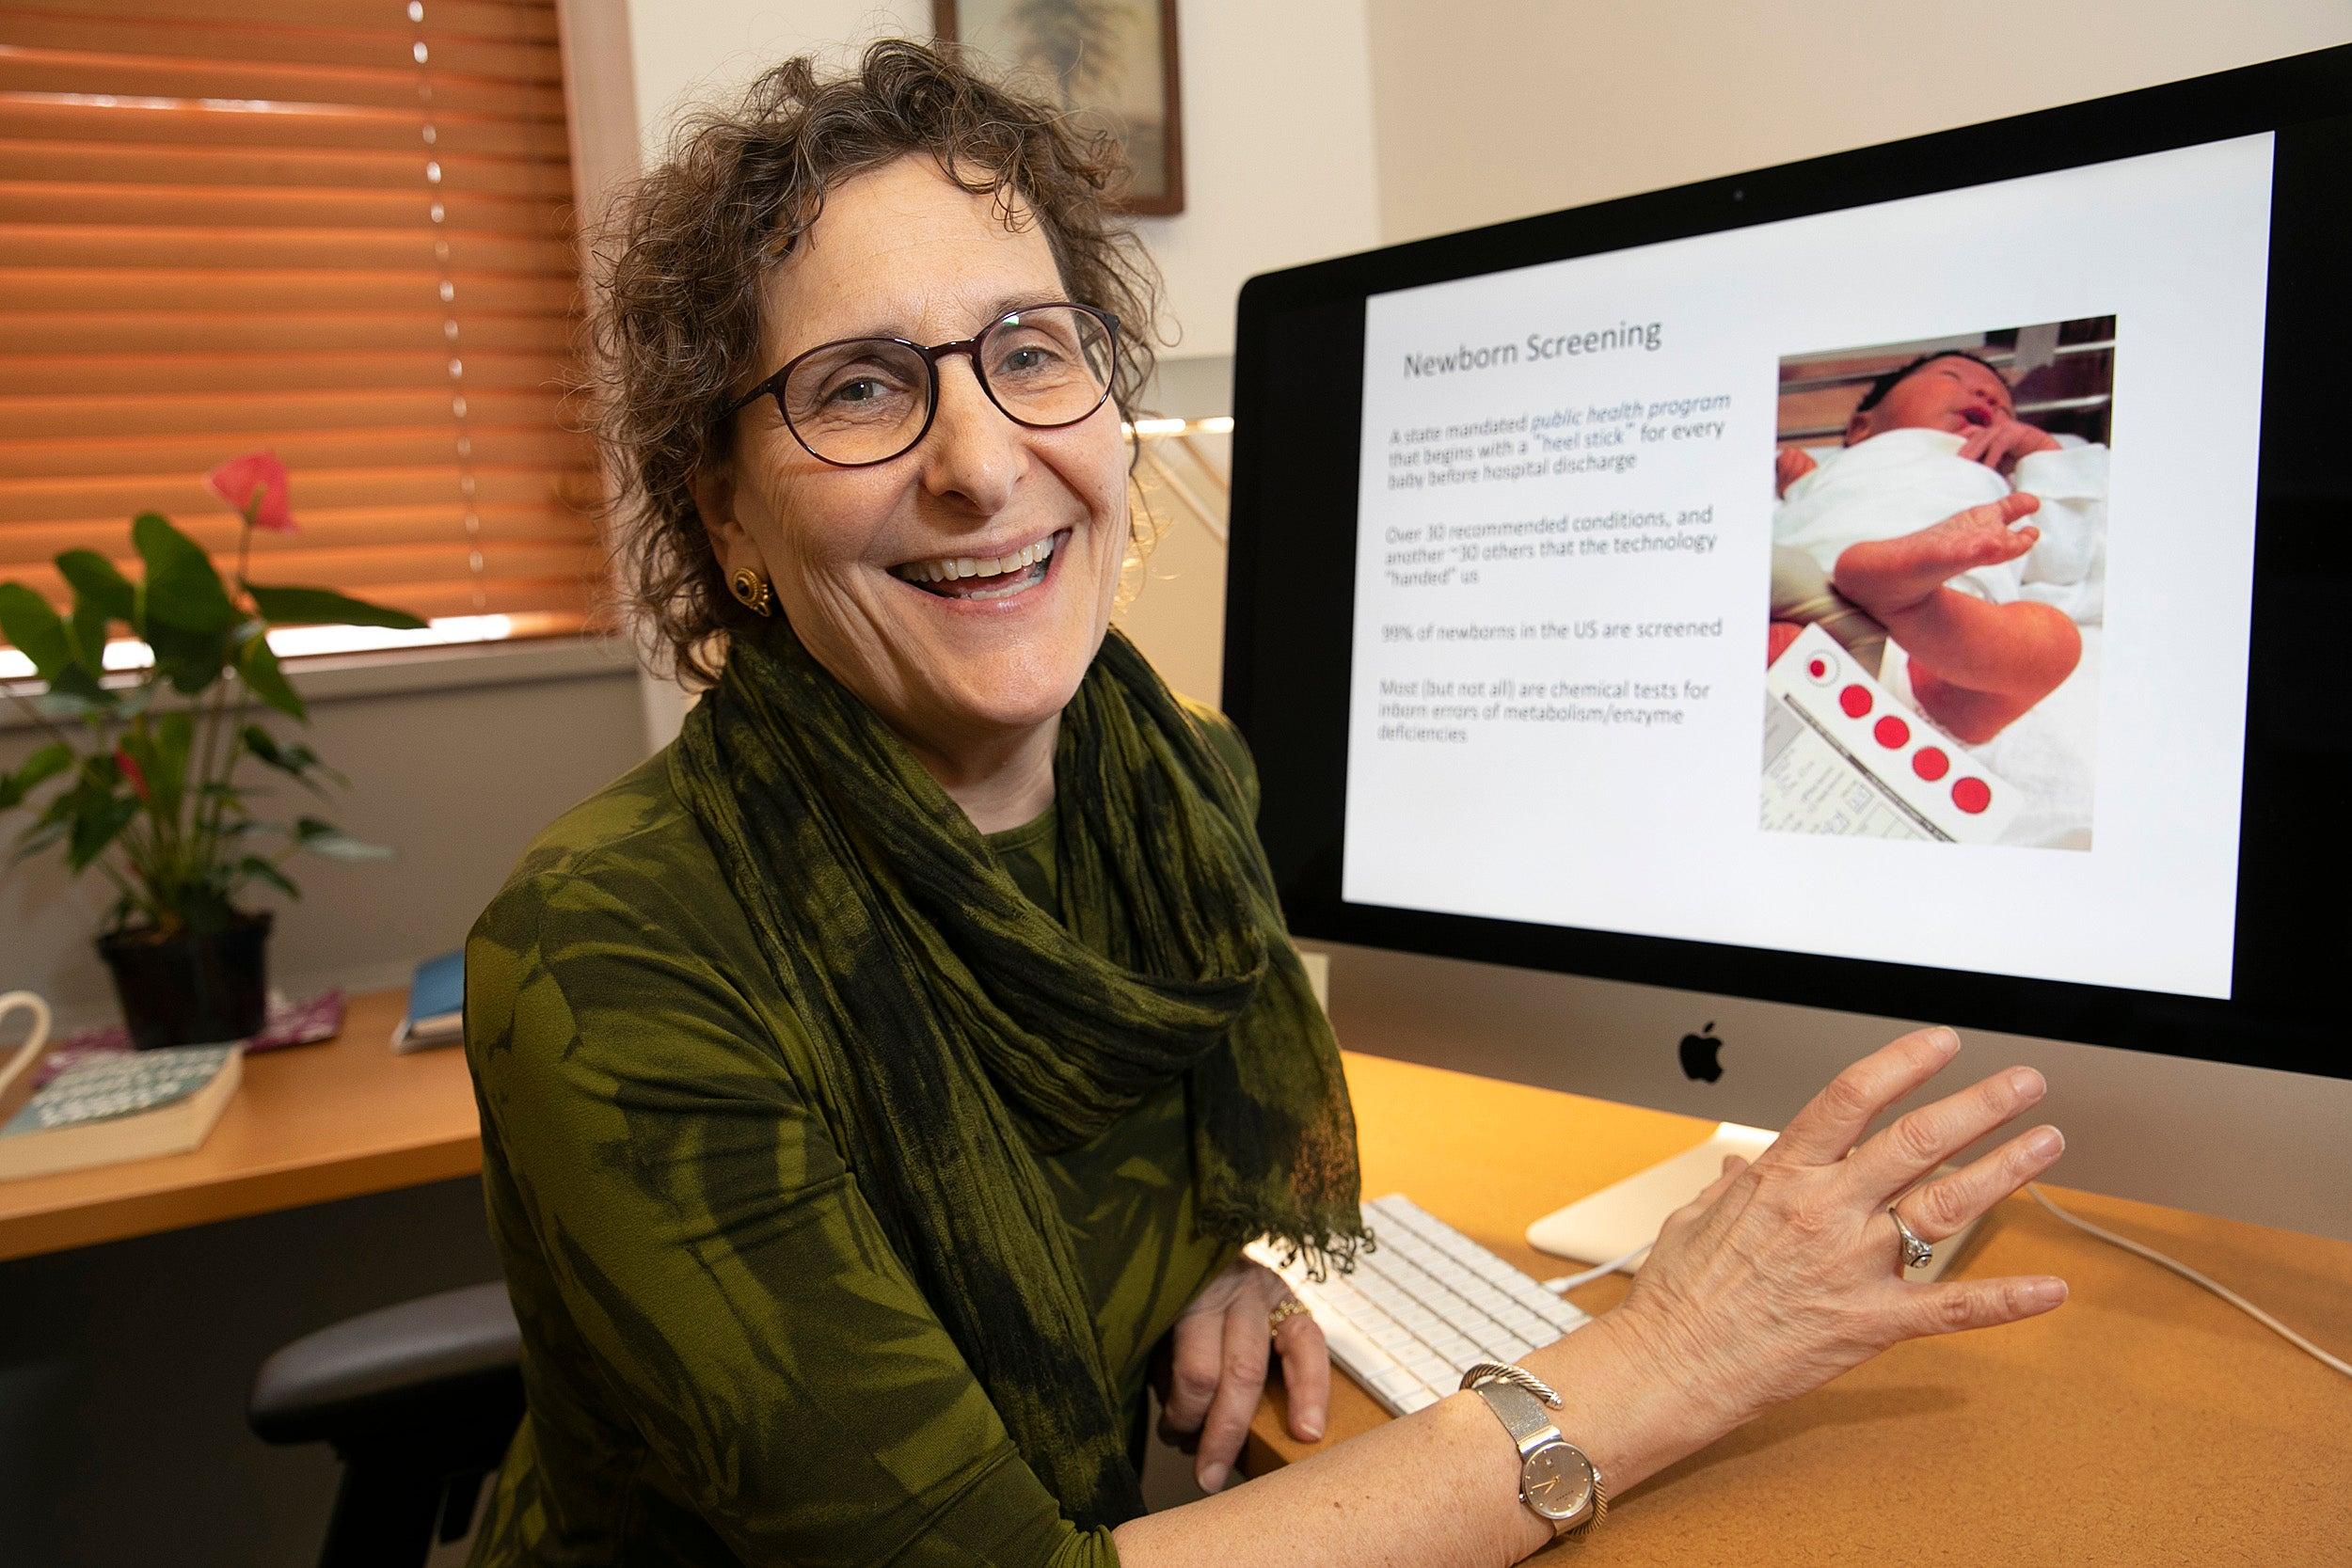 Lisa Diller at her desk